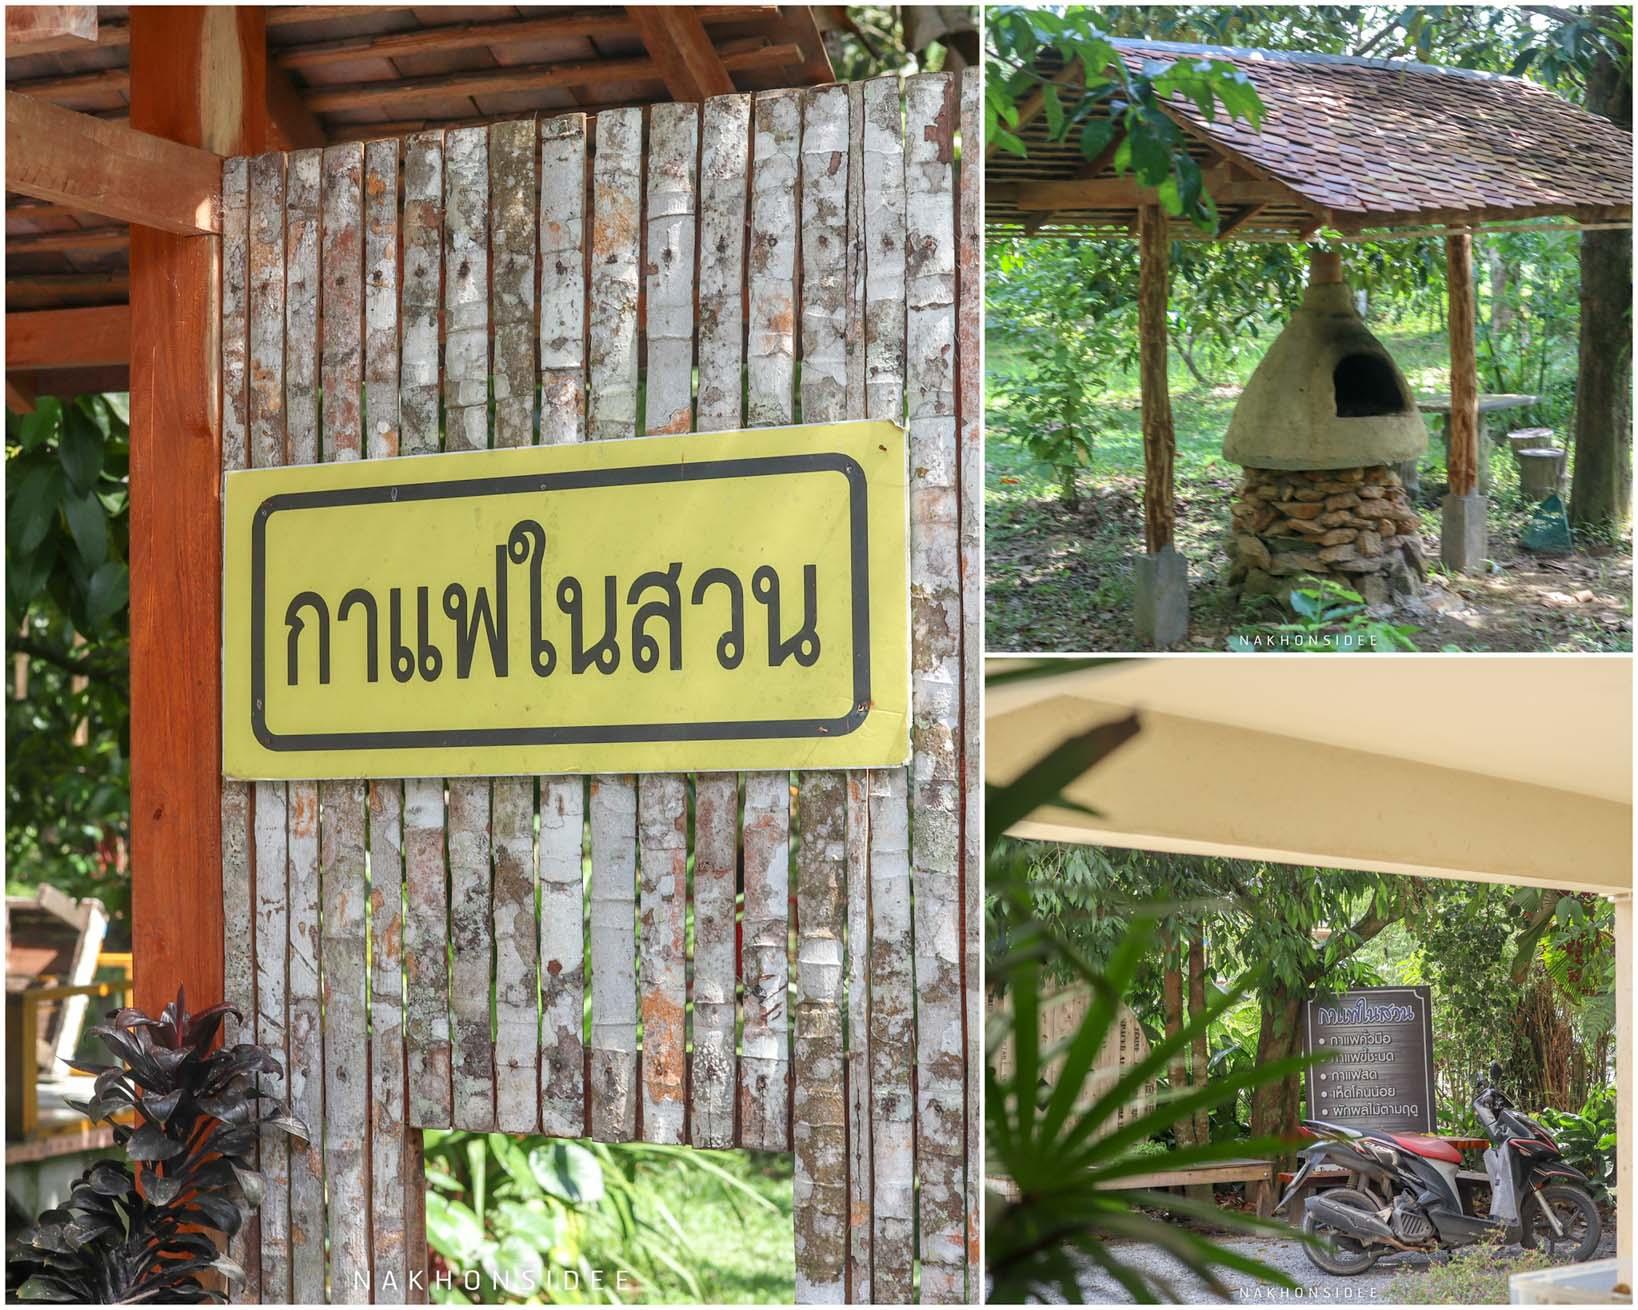 5.-กาแฟในสวน-บ้านพน-พัทลุง-บอกเลยที่นี่บรรยากาศ-ฟิลลิ่ง-10/10-คอนเซปคือกาแฟแบบบ้านญาติ-สามารถสั่งกาแฟแล้วเดินชิวในสวน--พื้นที่กว้างมาก--ภายในมีผลไม้หลายชนิดสามารถเก็บกินได้ฟรีจากต้นเลย-และสามารถนำเต๊นท์มาจัด-camping-ได้ด้วยนะครับ-ดีย์จริง กาแฟในสวน-บ้านพน ที่เที่ยว,ที่พัก,พัทลุง,การท่องเที่ยว,ประเทศไทย,วิถีชีวิต,ชุมชน,ดริฟท์กาแฟ